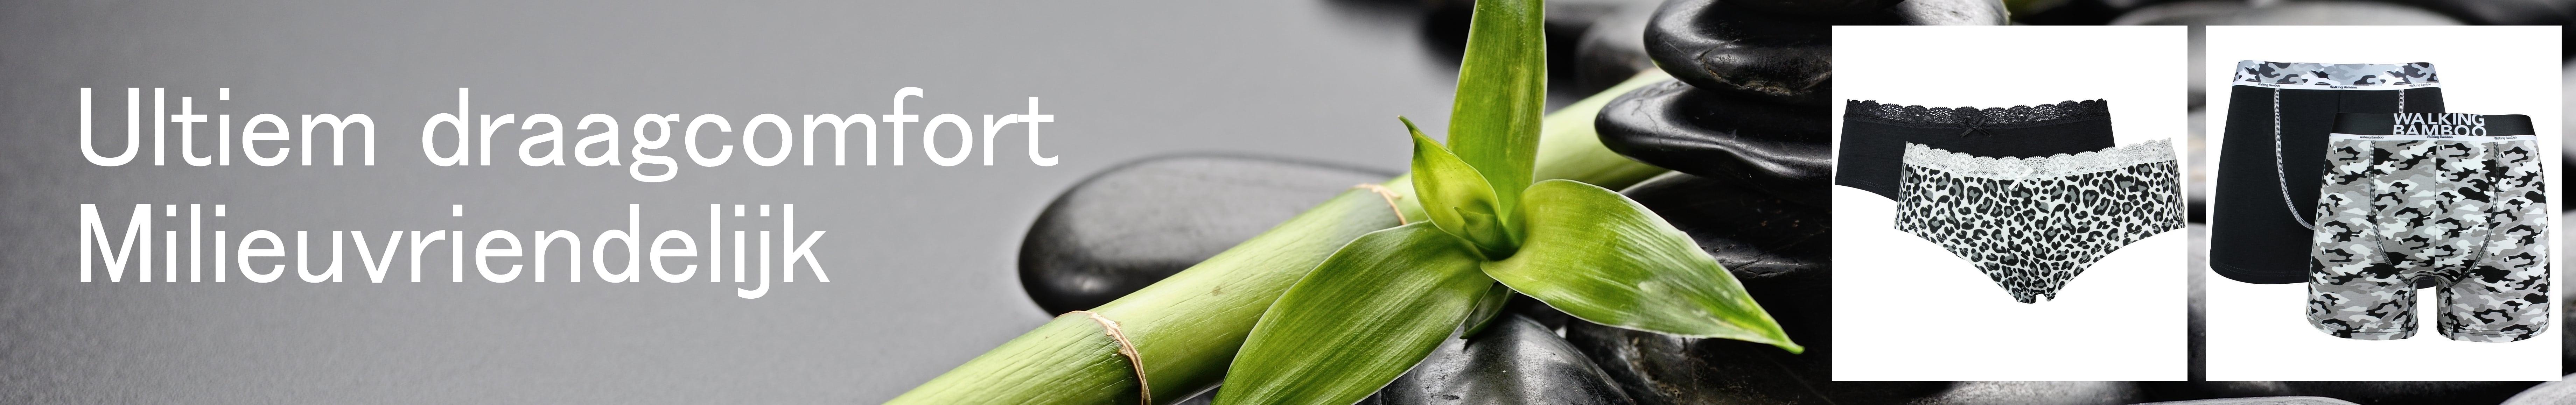 Bamboe kleding comfortabel en milieuvriendelijk